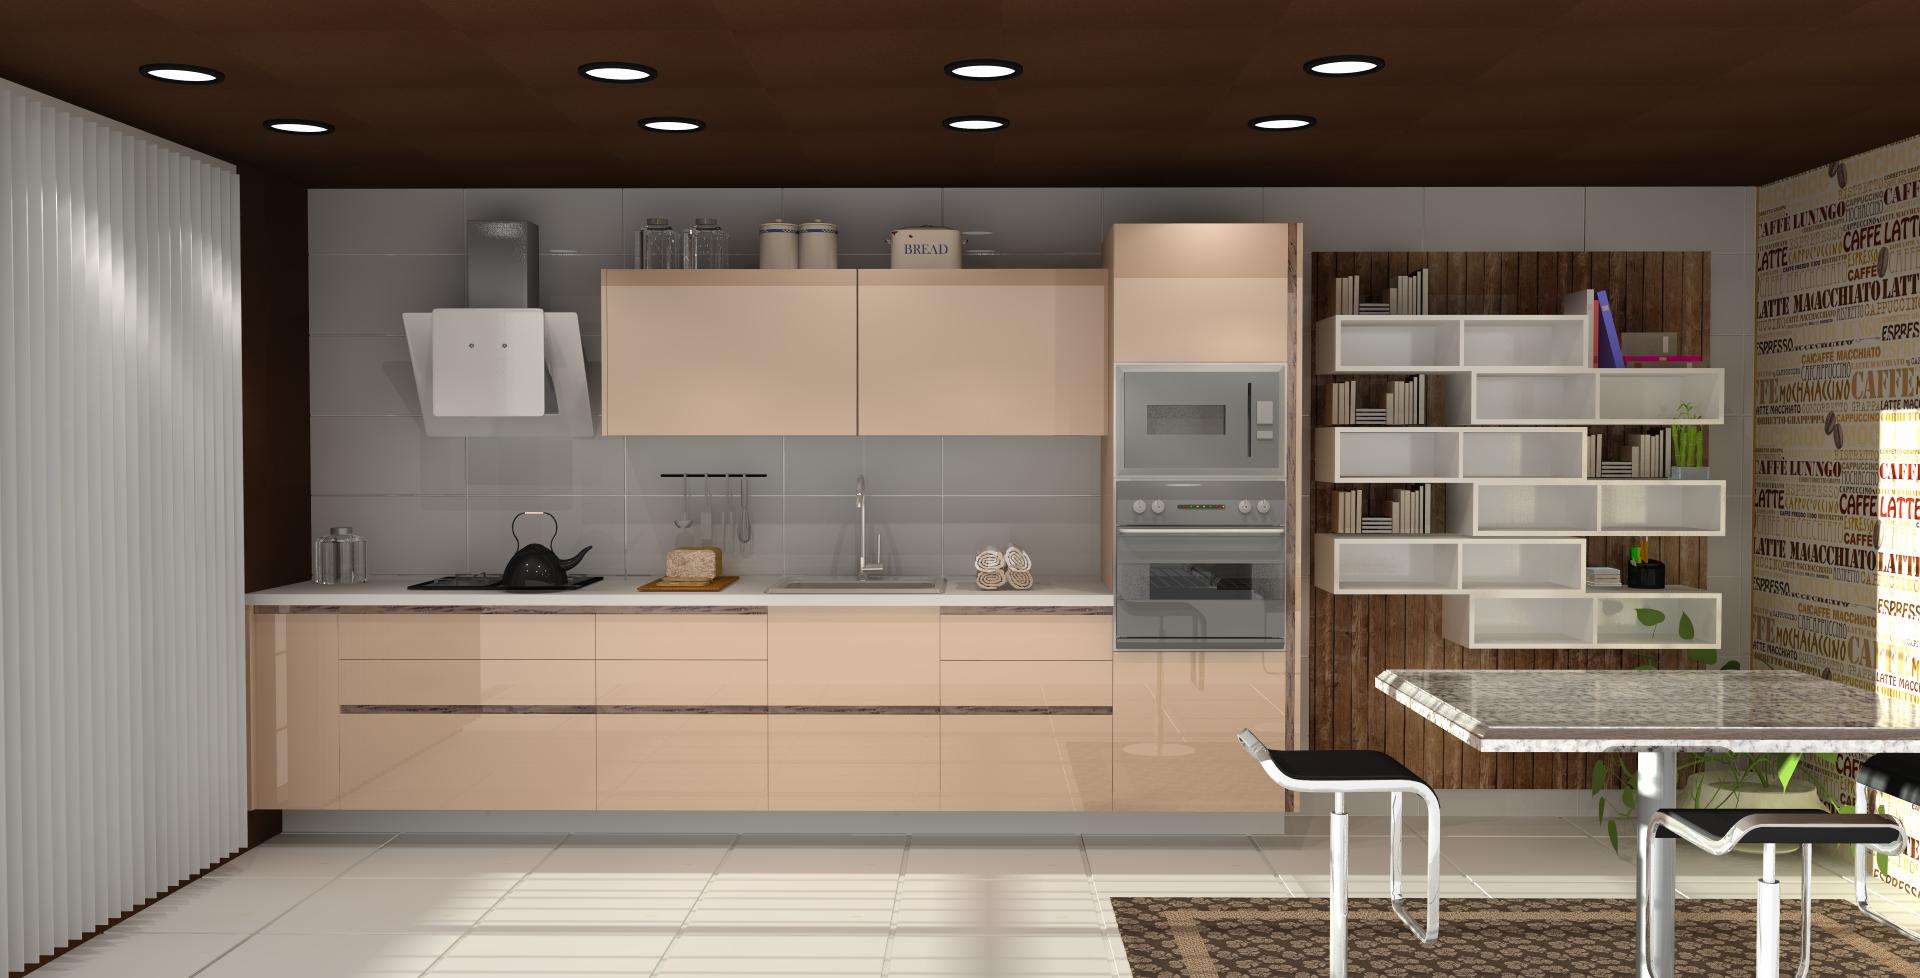 Sleek Modular Kitchen Designs Will Add Modern Look To Your Kitchen Kitchen Design Companies Modern Kitchen Cabinet Design Kitchen Cabinet Design